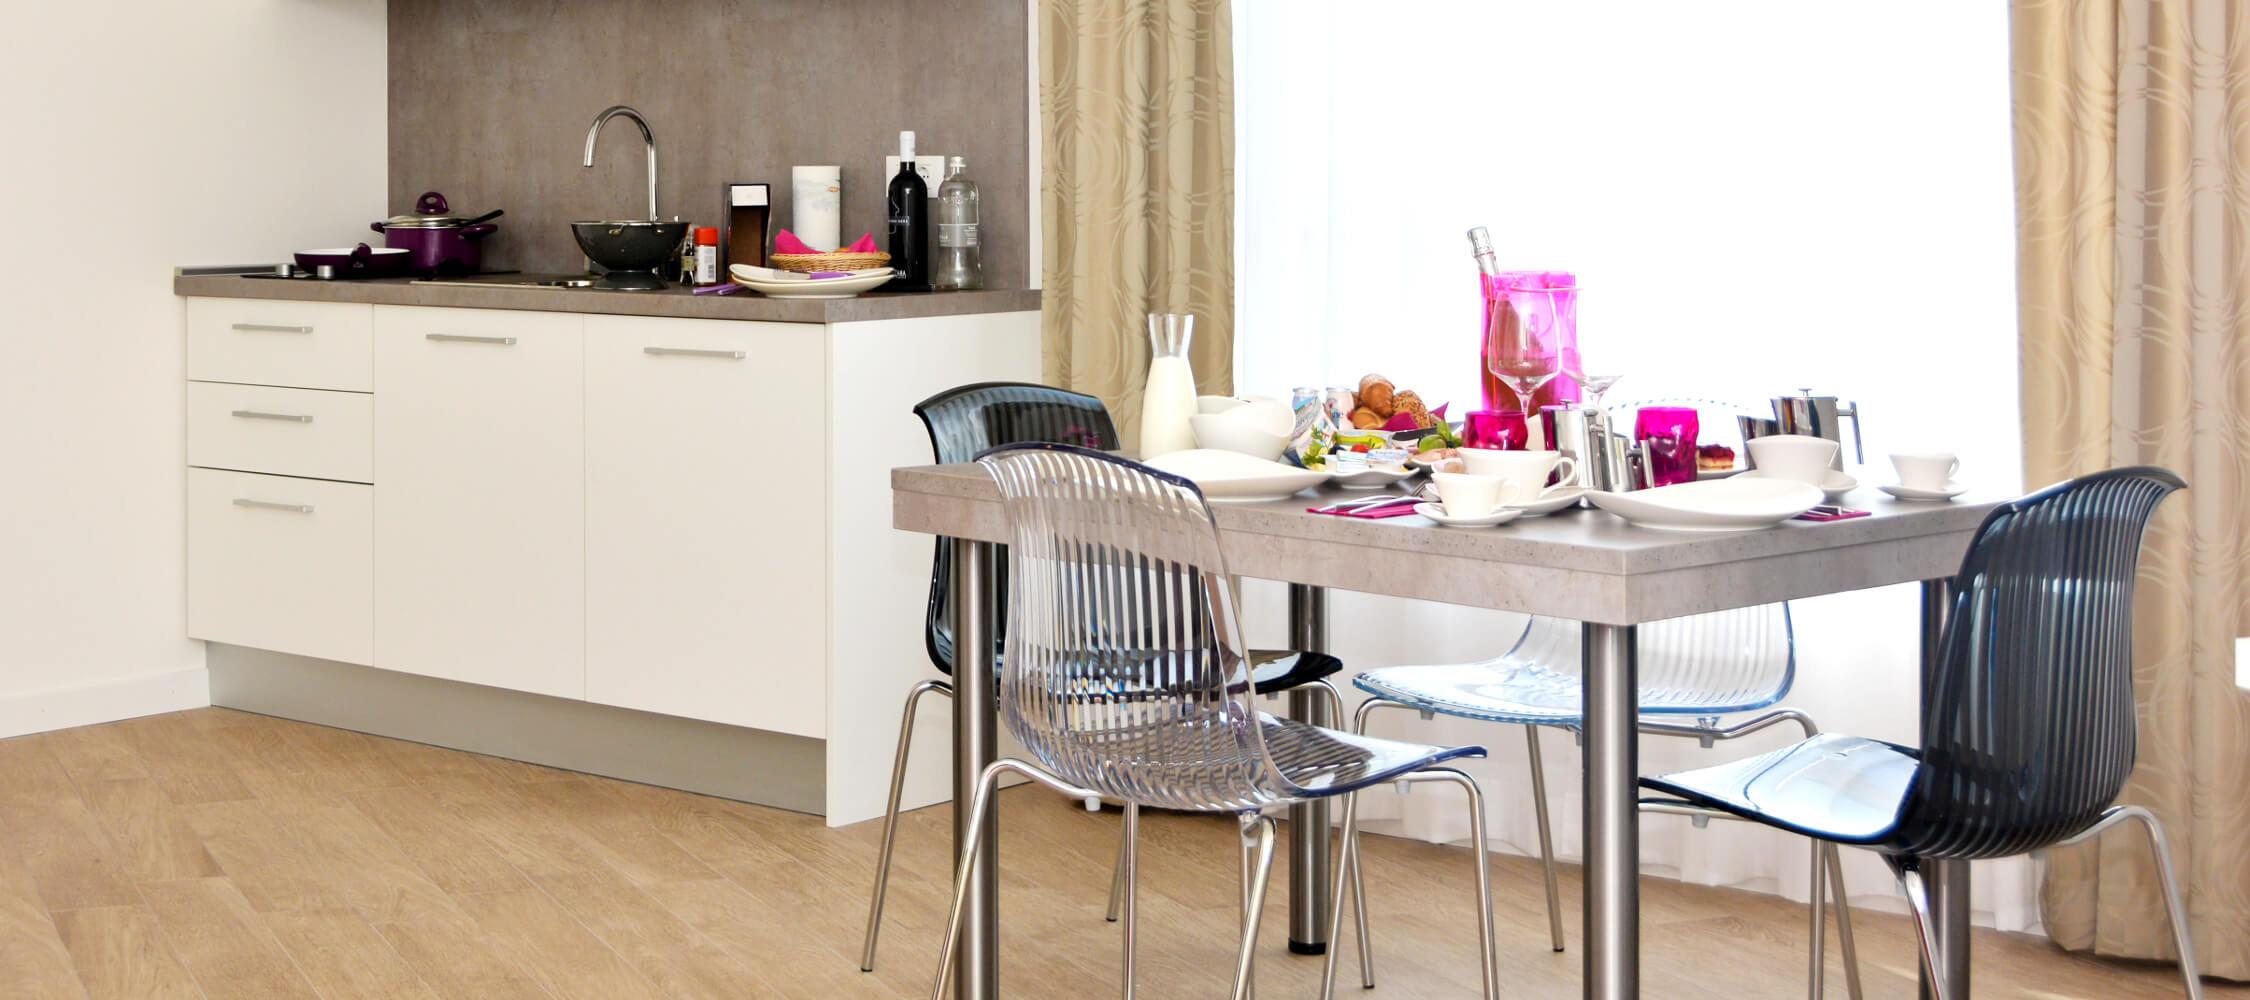 City Hotel Meran, Kochnische in Suite, Esstisch, Küchenzeile